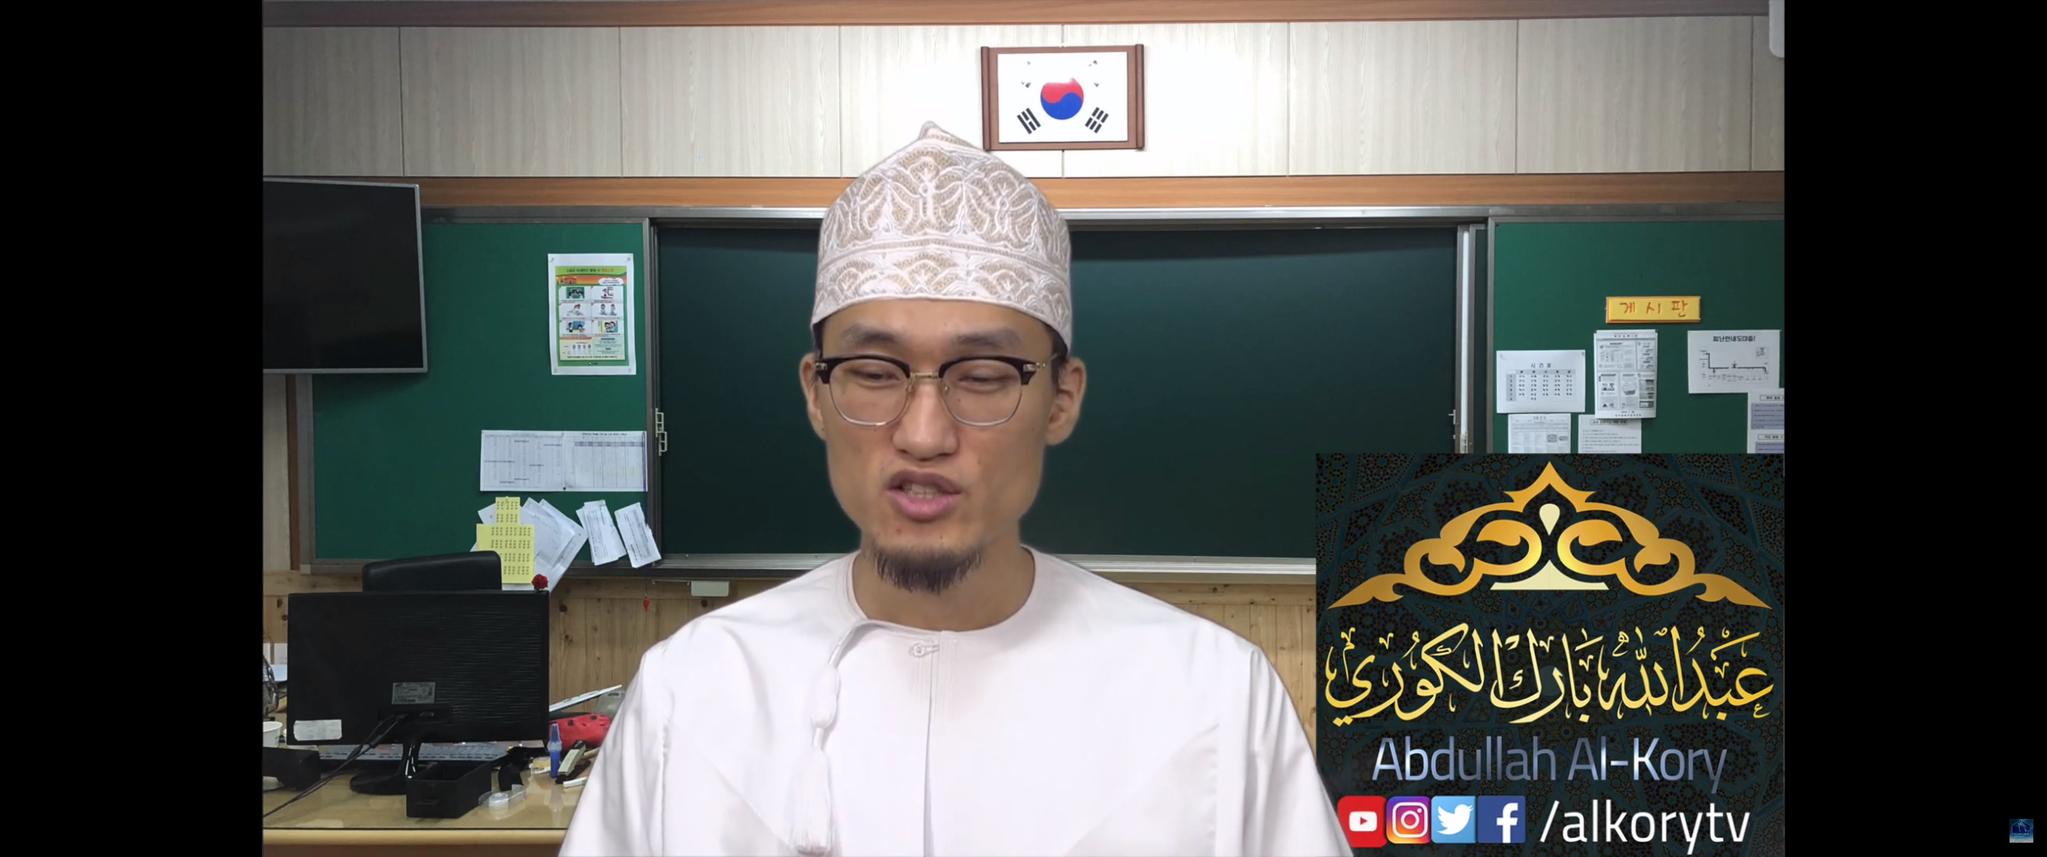 한국인 무슬림인 박동신(34) 이맘이 유튜브 채널을 통해 이슬람교를 홍보하고 있다. [유튜브 캡쳐]